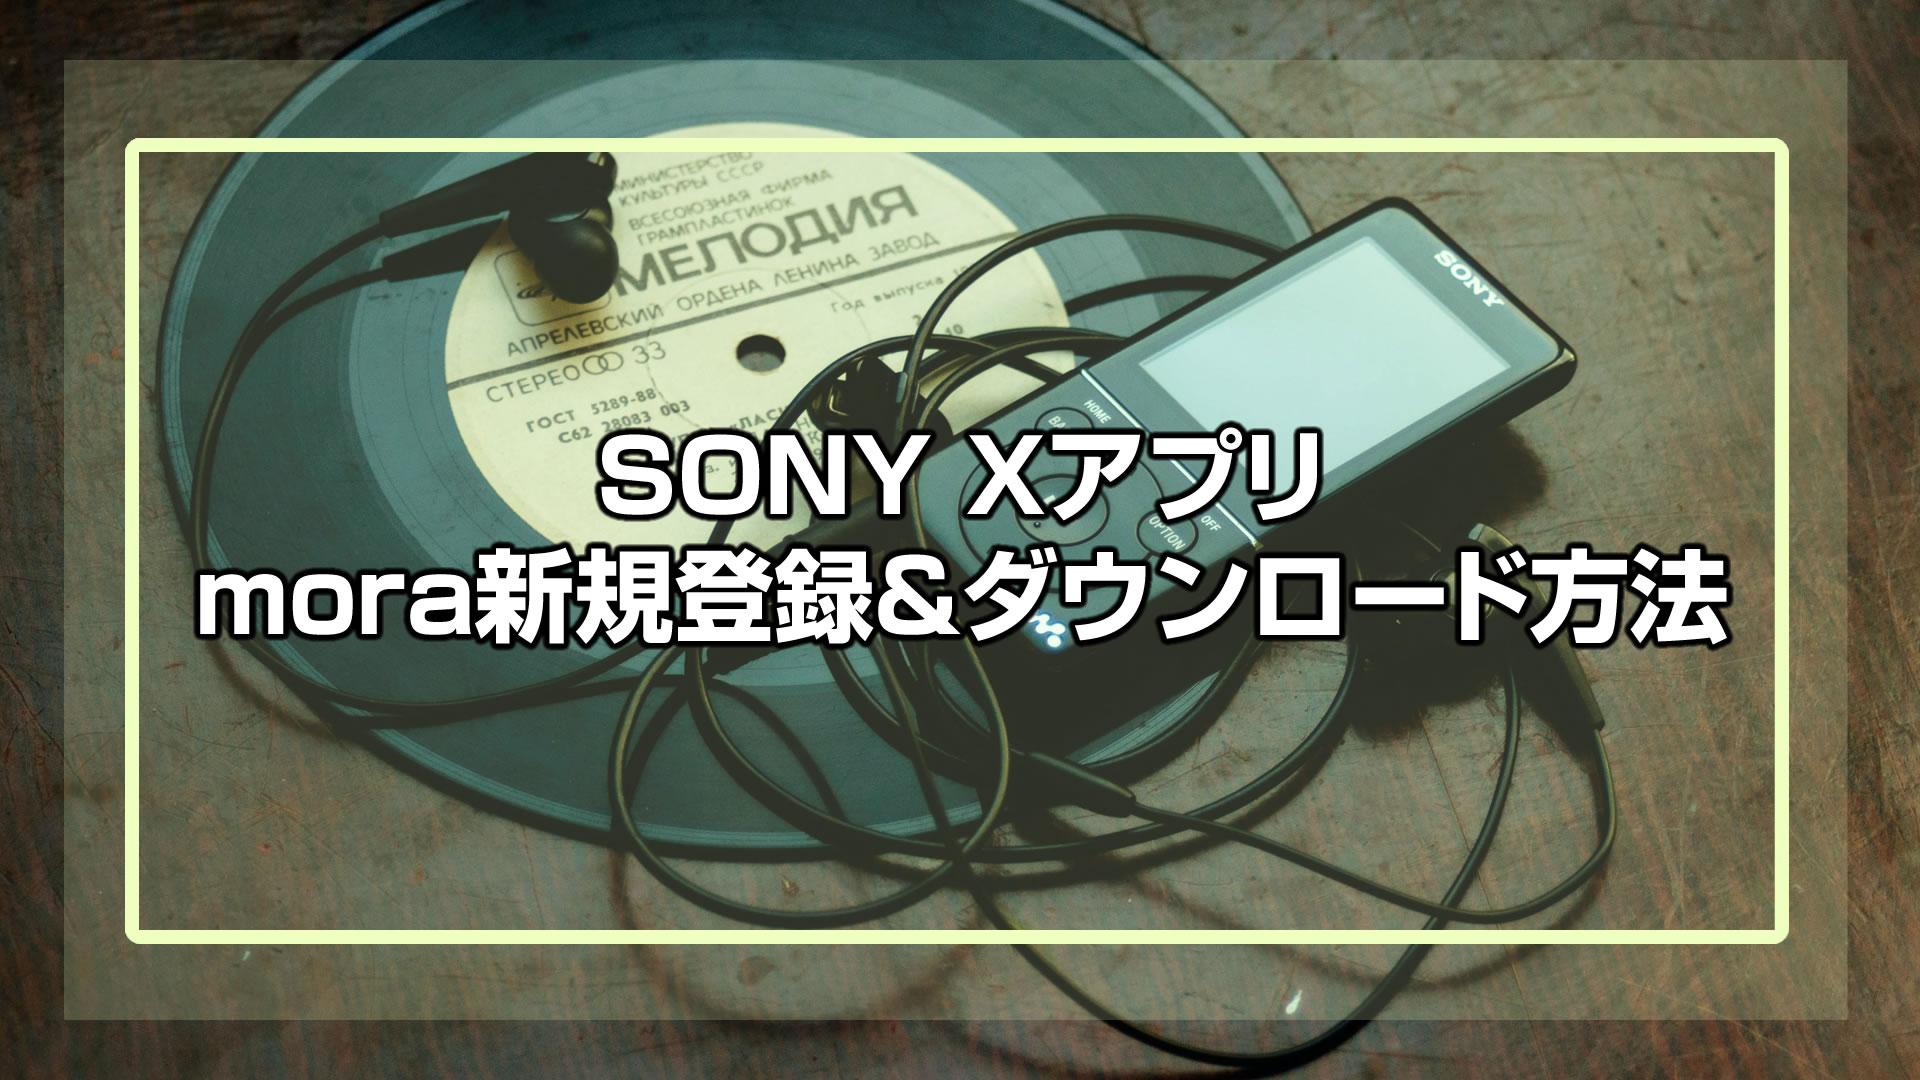 SONY Xアプリでmoraに新規登録し初めてダウンロードする方法